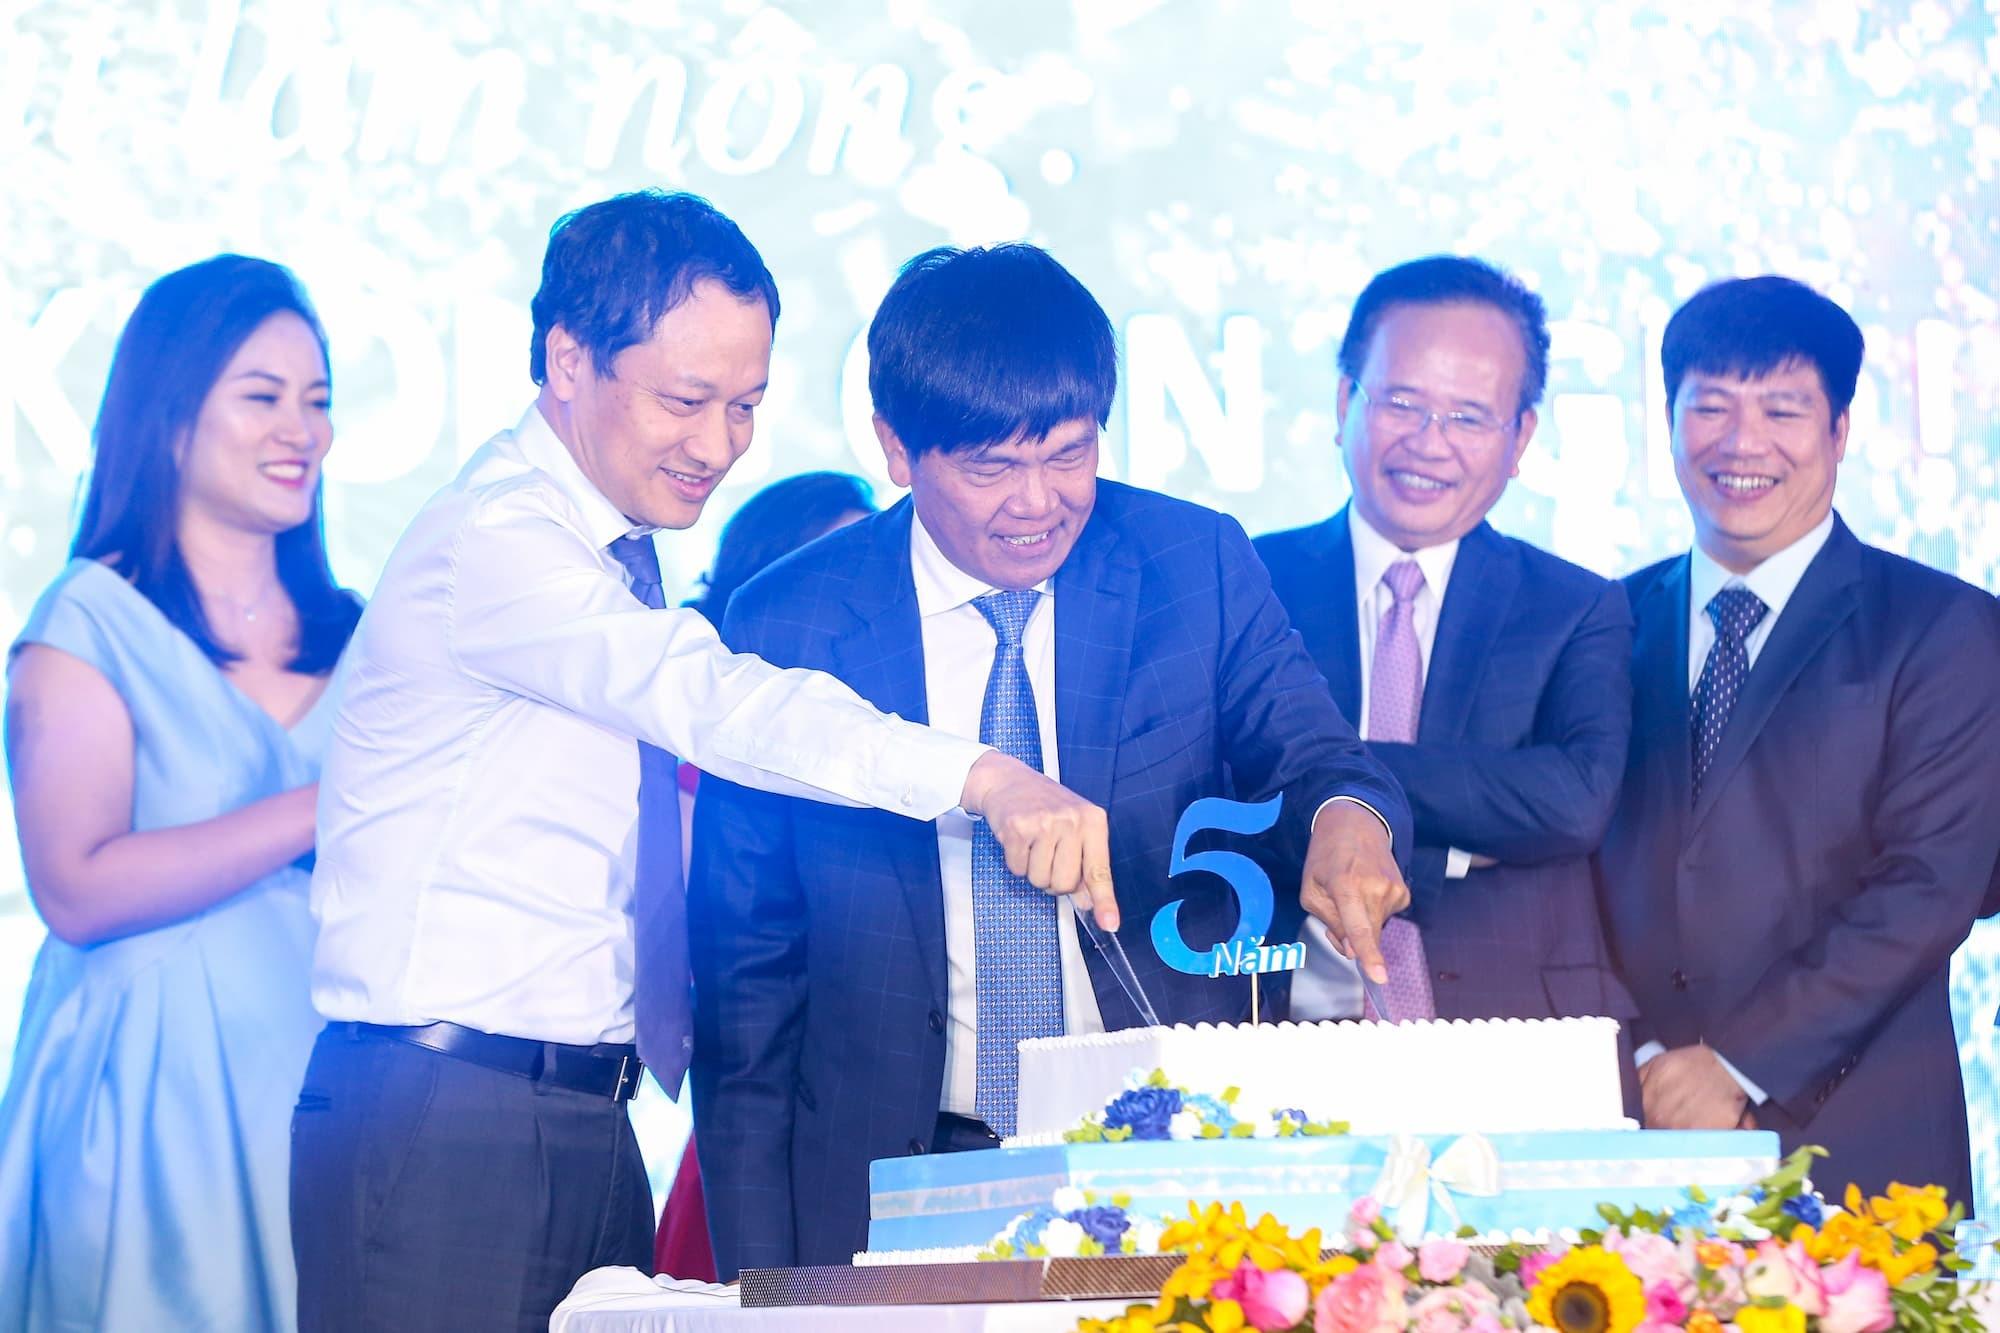 Lãnh đạo Hoà Phát đã sang tay hơn 800 tỉ đồng cổ phiếu HPG - Ảnh 1.